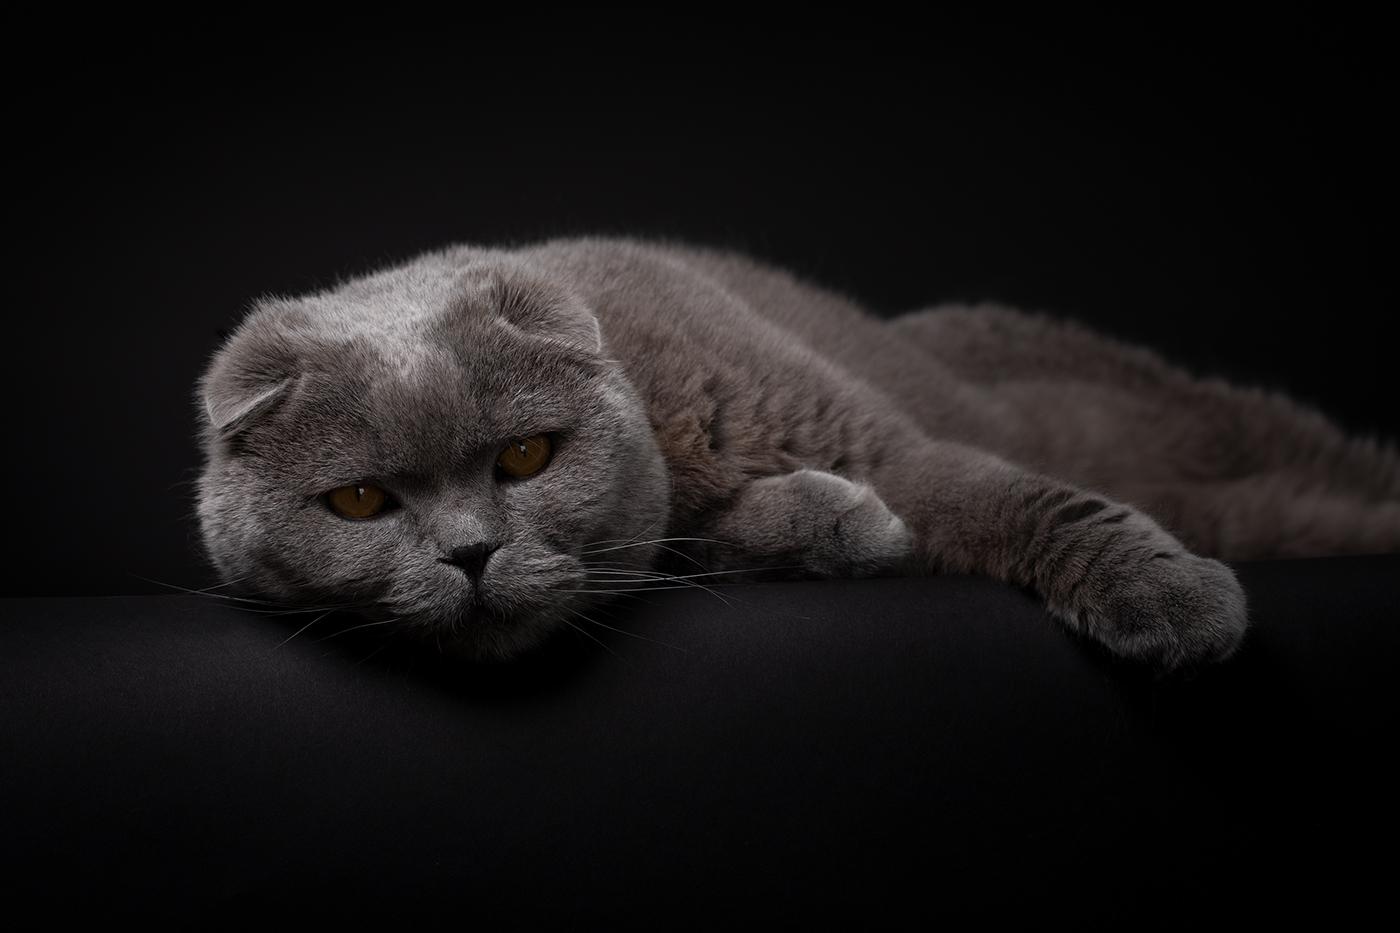 photographe-animalier-chat-poitiers-guillaume-heraud-05